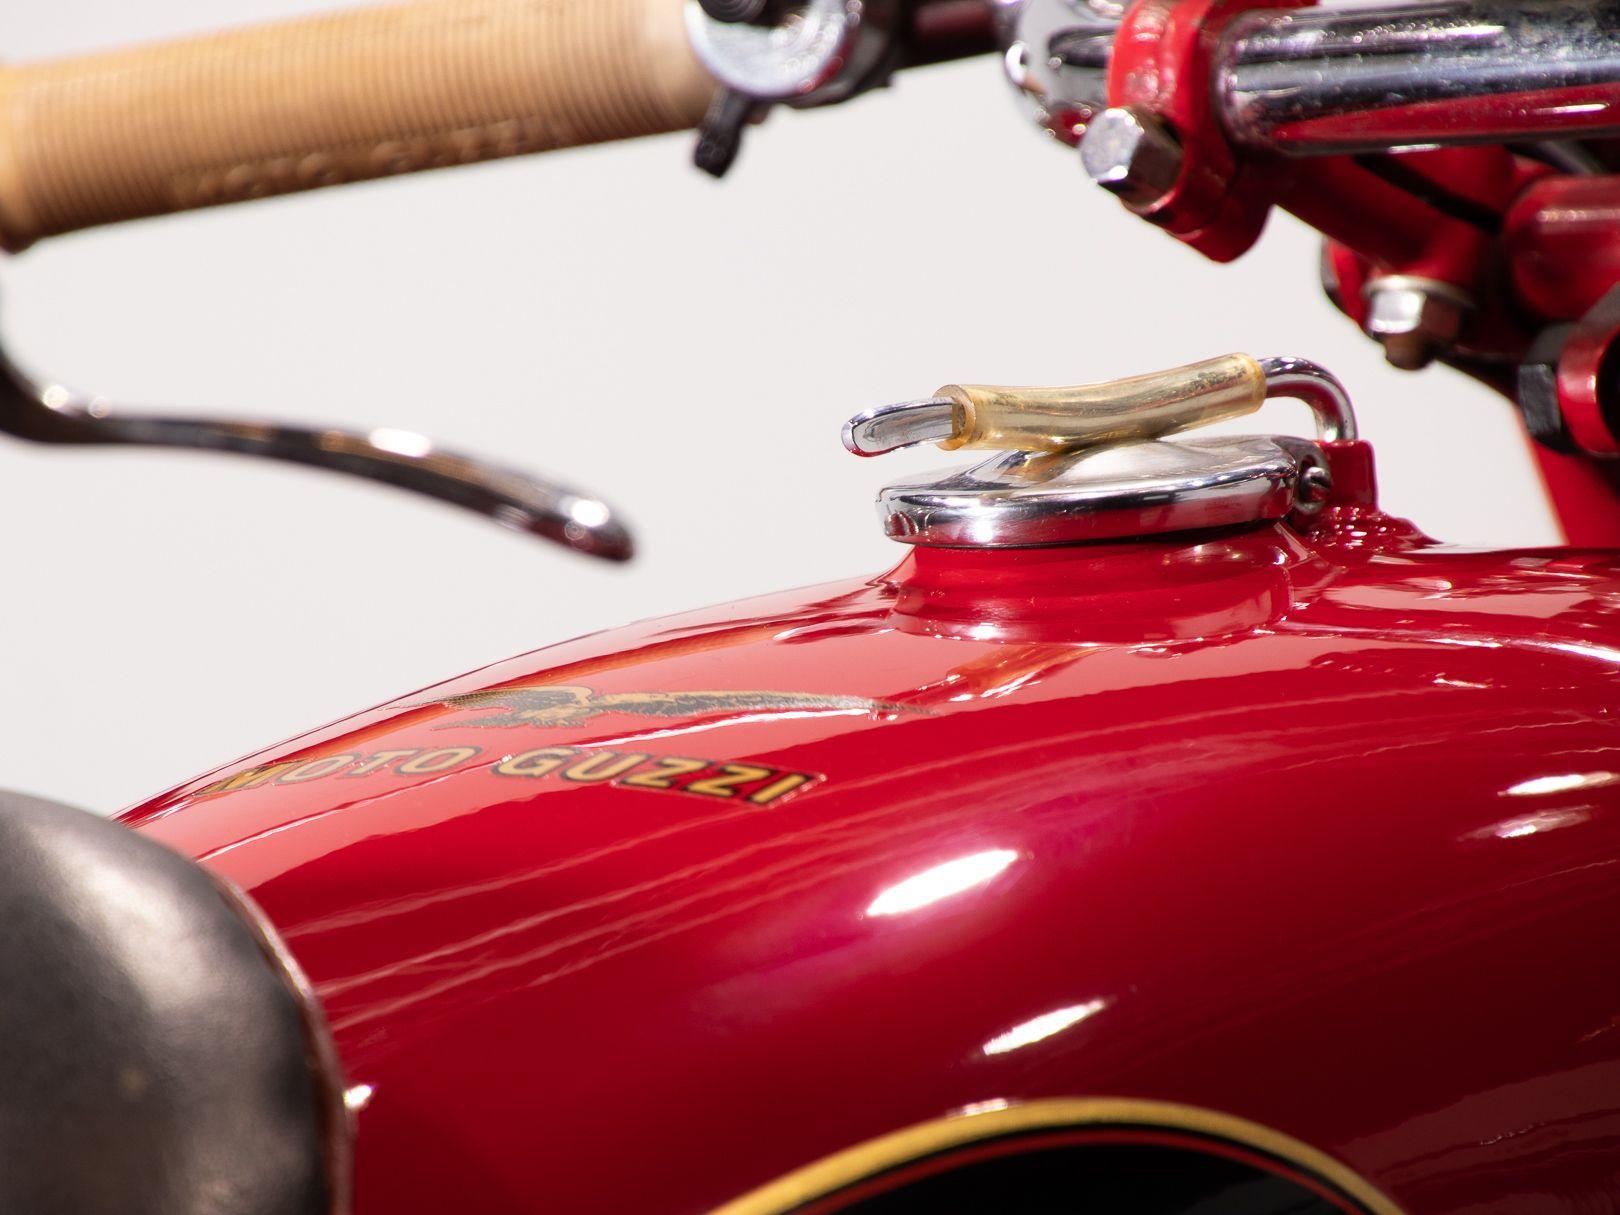 1956 Moto Guzzi 500 FS Sidecar 44975